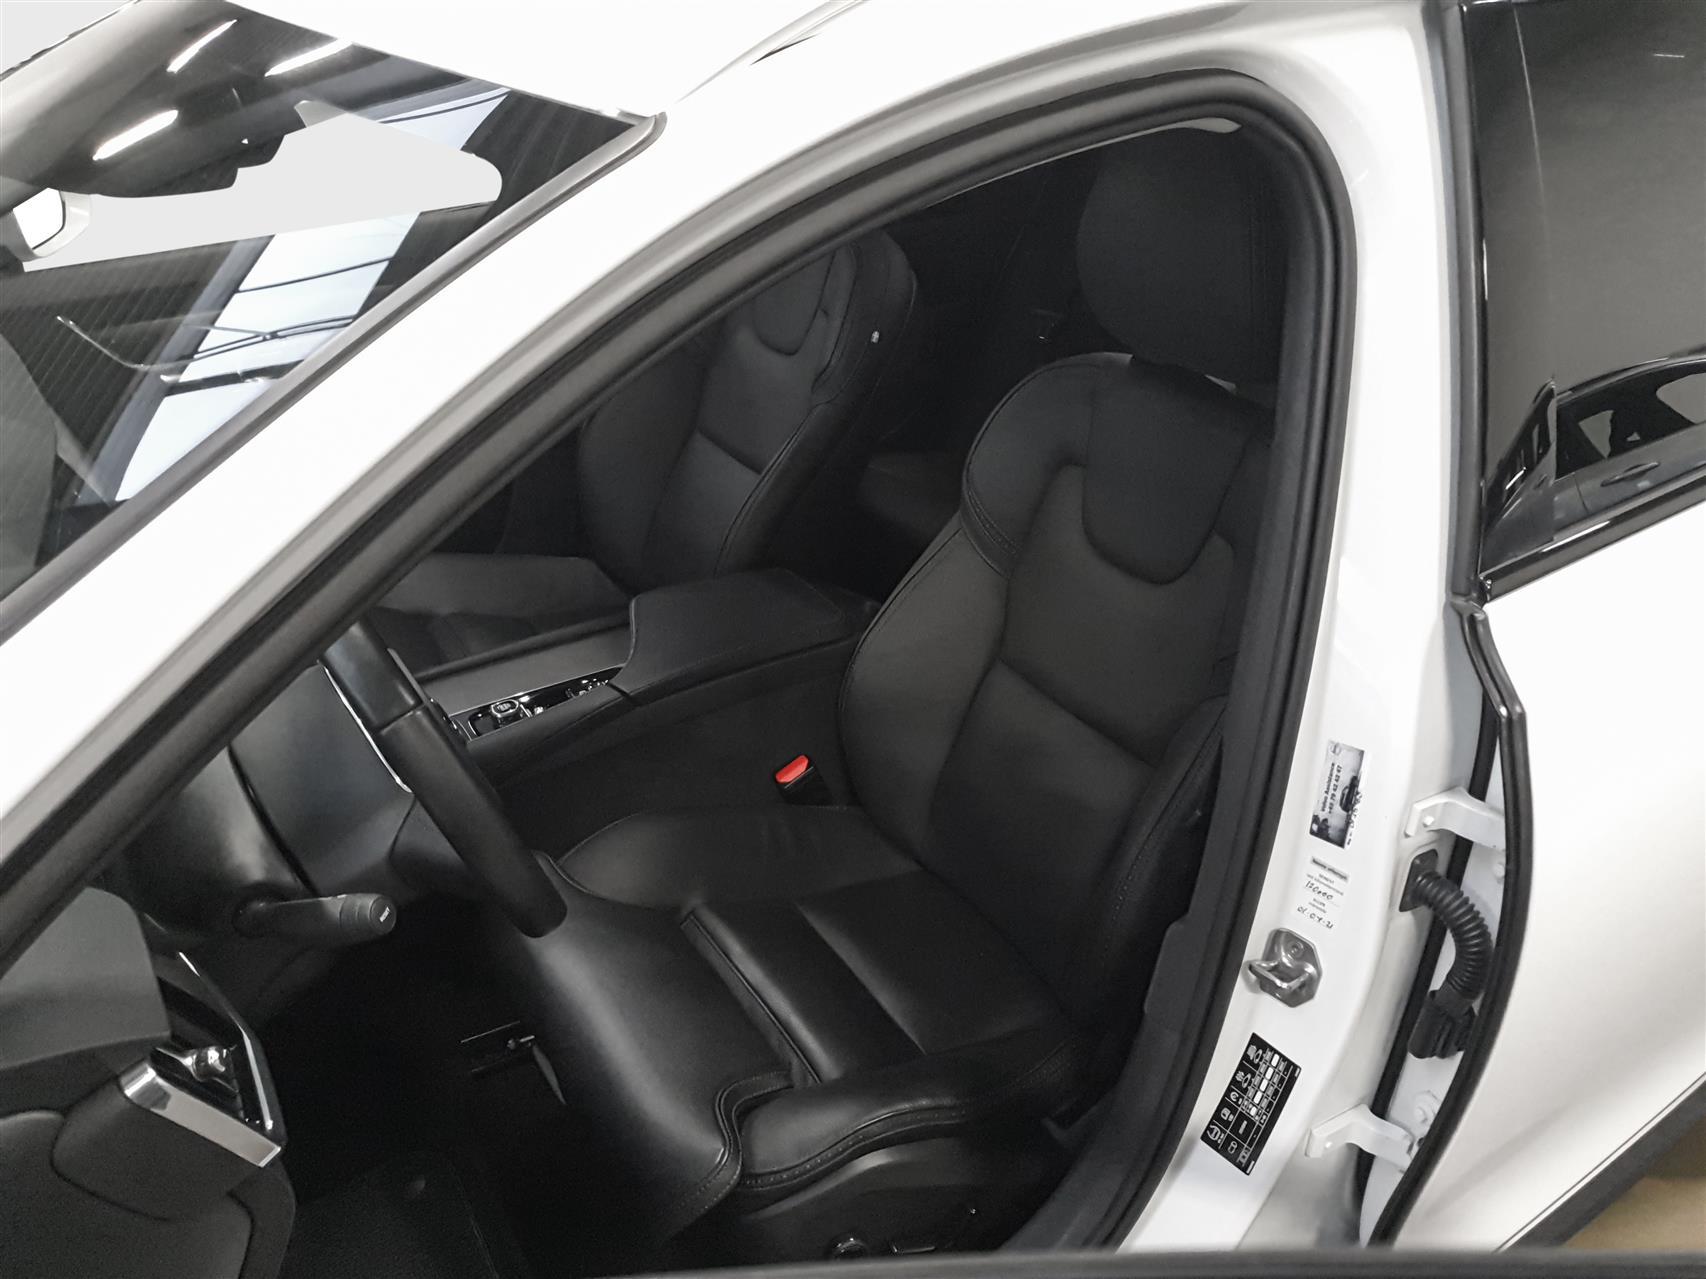 2,0 T5 Pro AWD 254HK Stc 8g Aut. image8